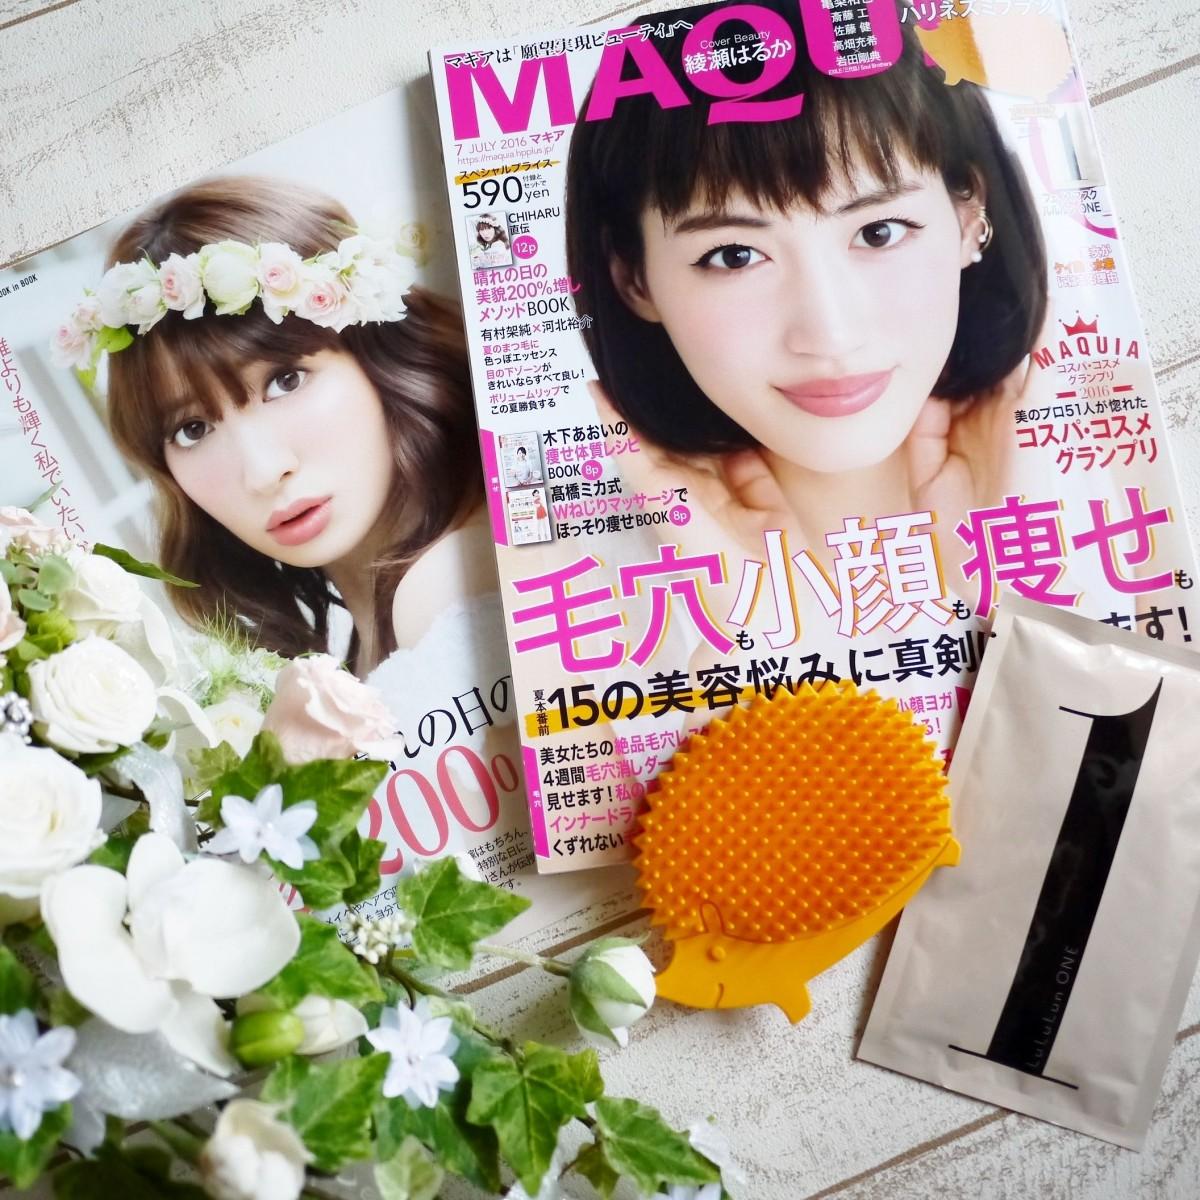 今買うべきコスメ、やるべき美容法がまるわかり☆MAQUIA7月号で夏美容トレンドを完全制覇!